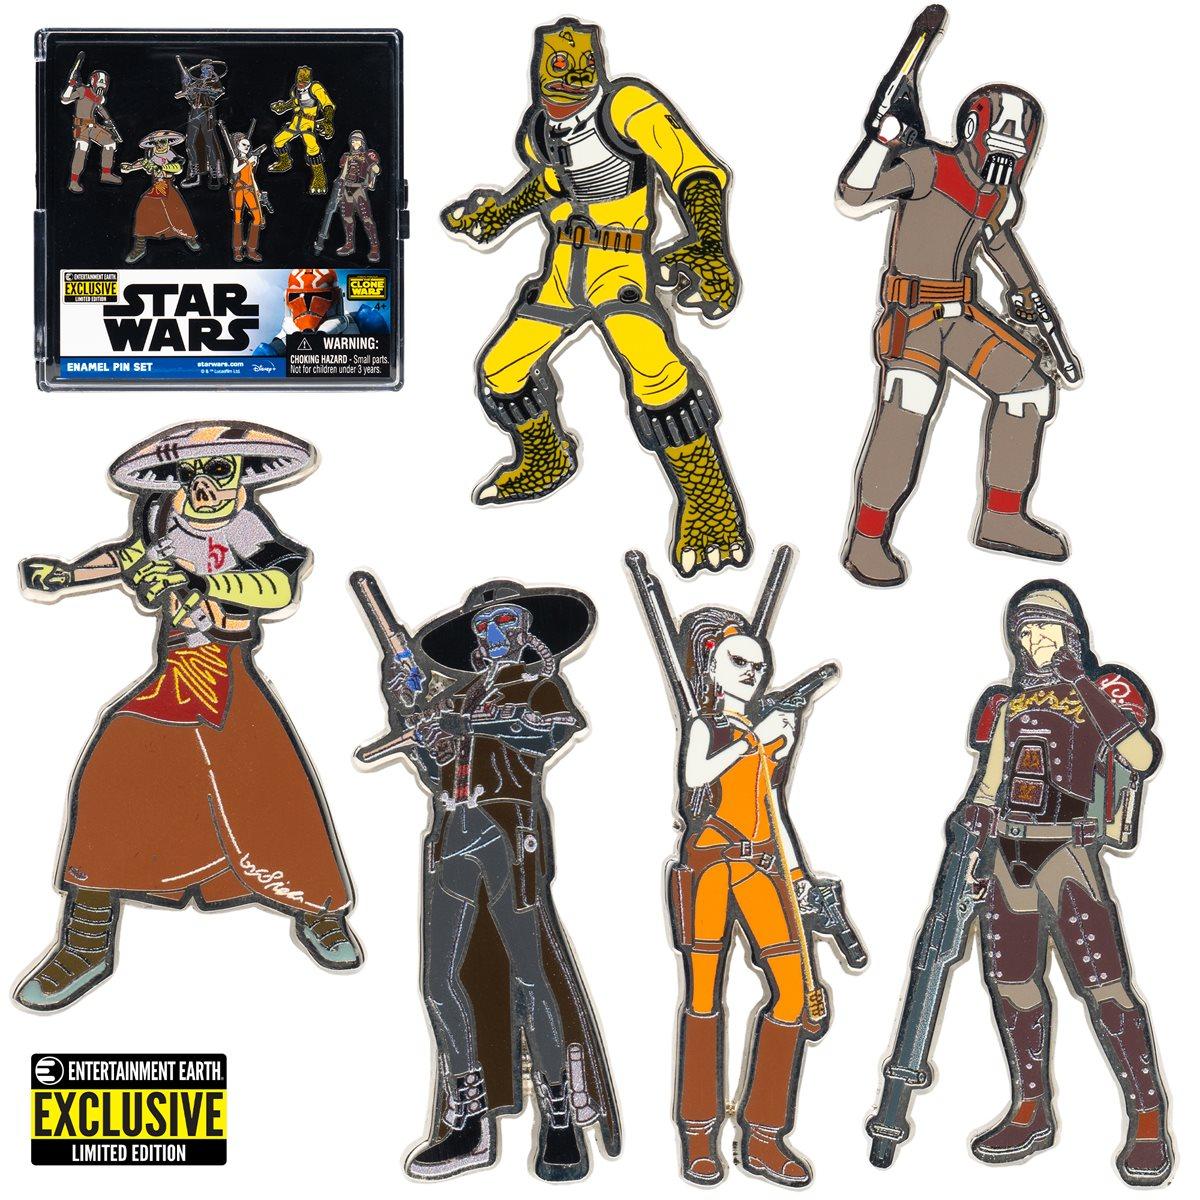 Star Wars Bounty Hunters Enamel Pin 6-Pack画像